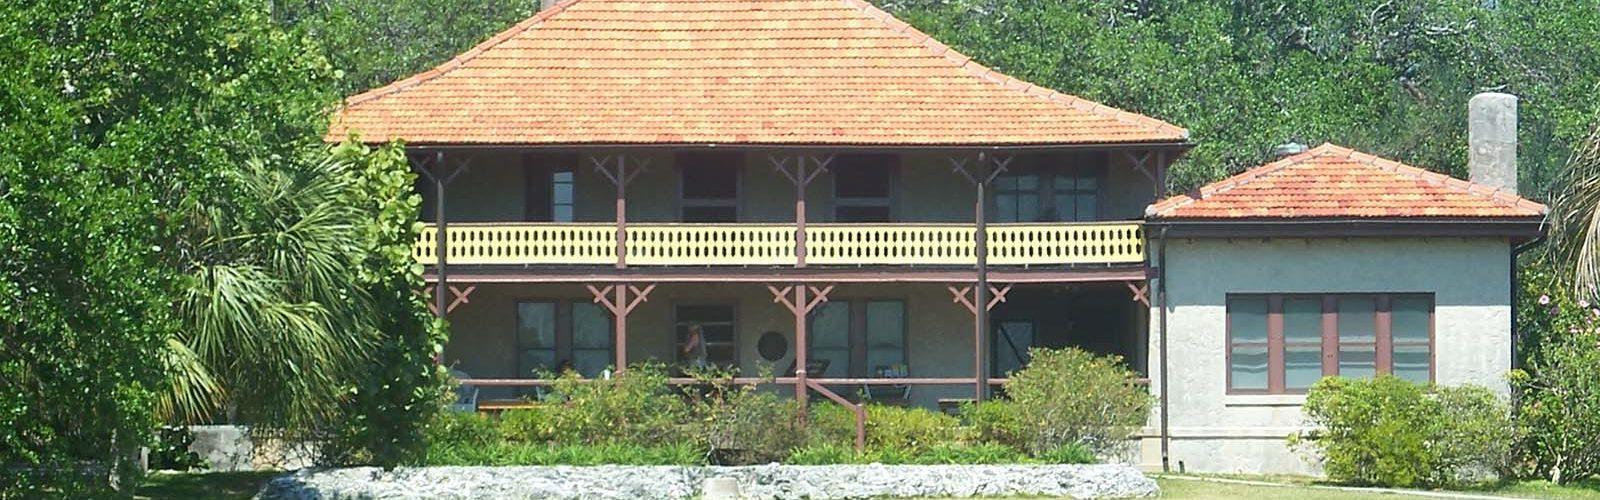 barnacle-coconut-grove-parc-visite-une